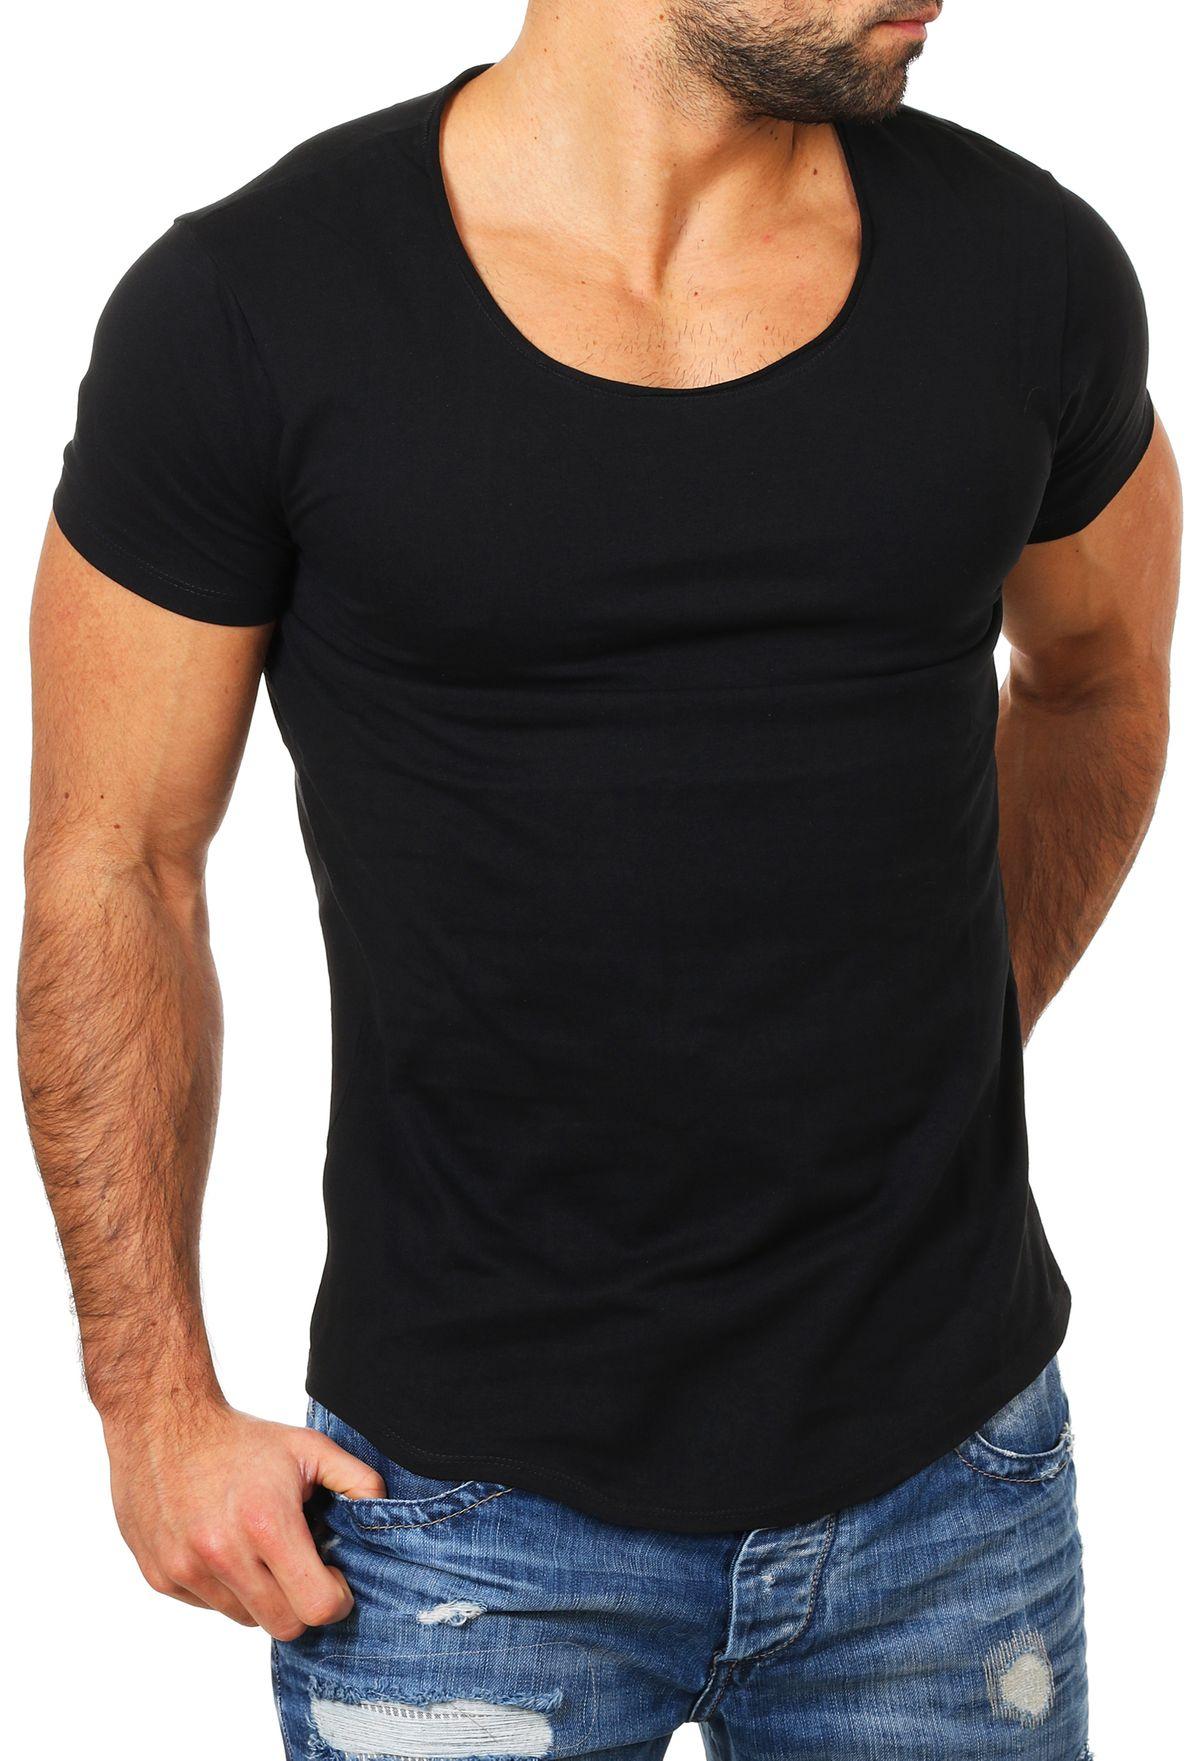 Fruechtl-Herren-T-Shirt-tiefer-Rundhals-Ausschnitt-einfarbig-slimfit-Vintage-Look